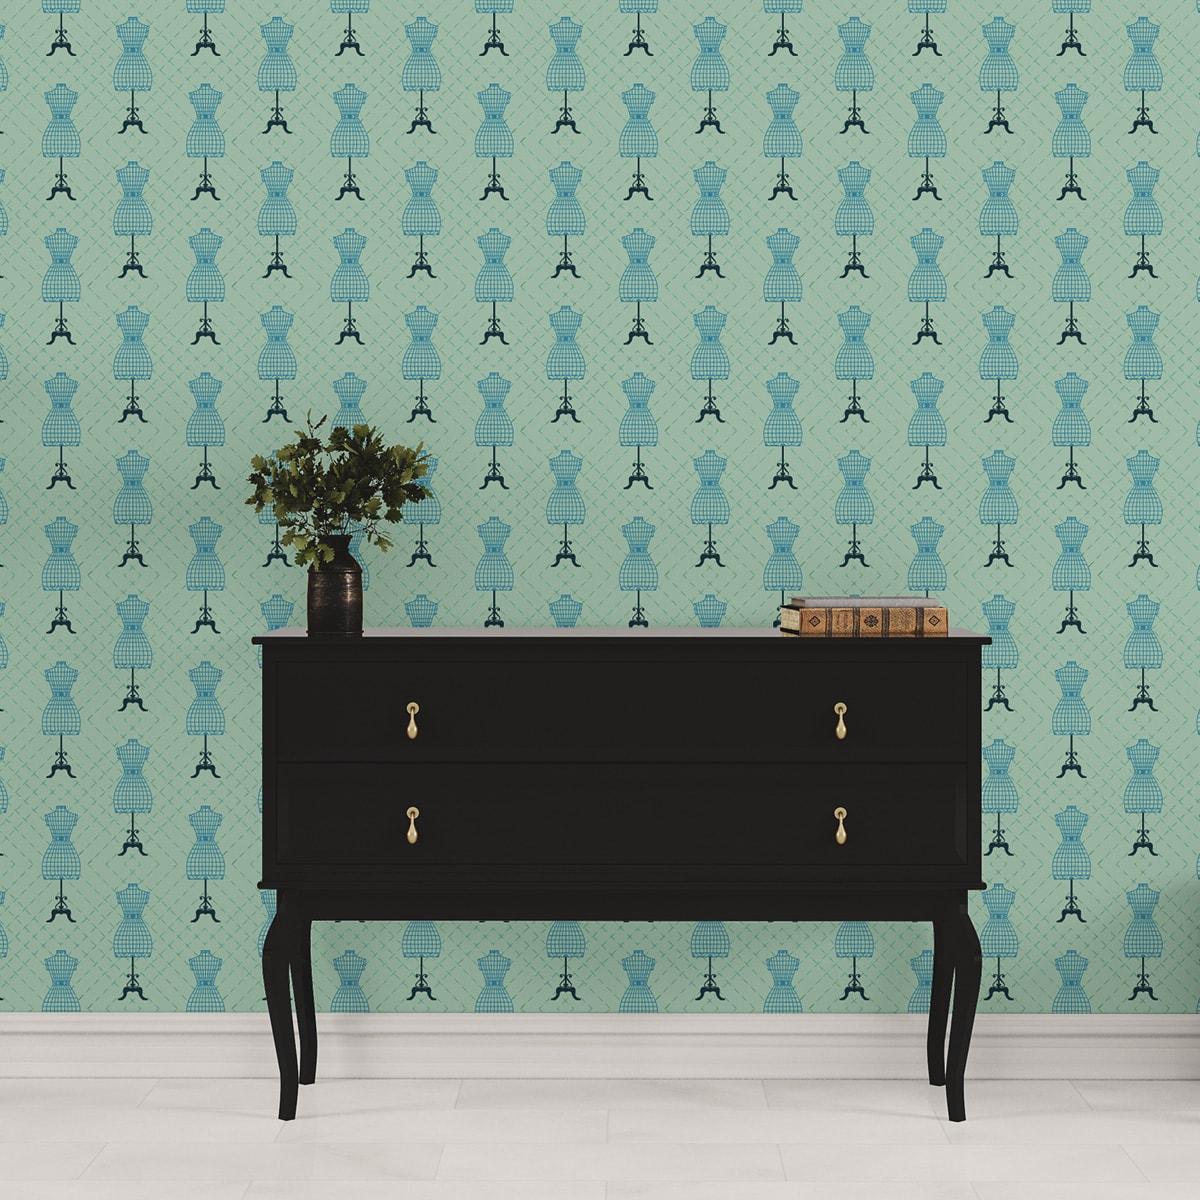 """Tapete für Büroräume grün: Designer Tapete """"Fashionista"""" mit Kleiderpuppen Schnittmuster, mint grüne Vlies Tapete Ornamente Wandgestaltung für Flur, Büro"""